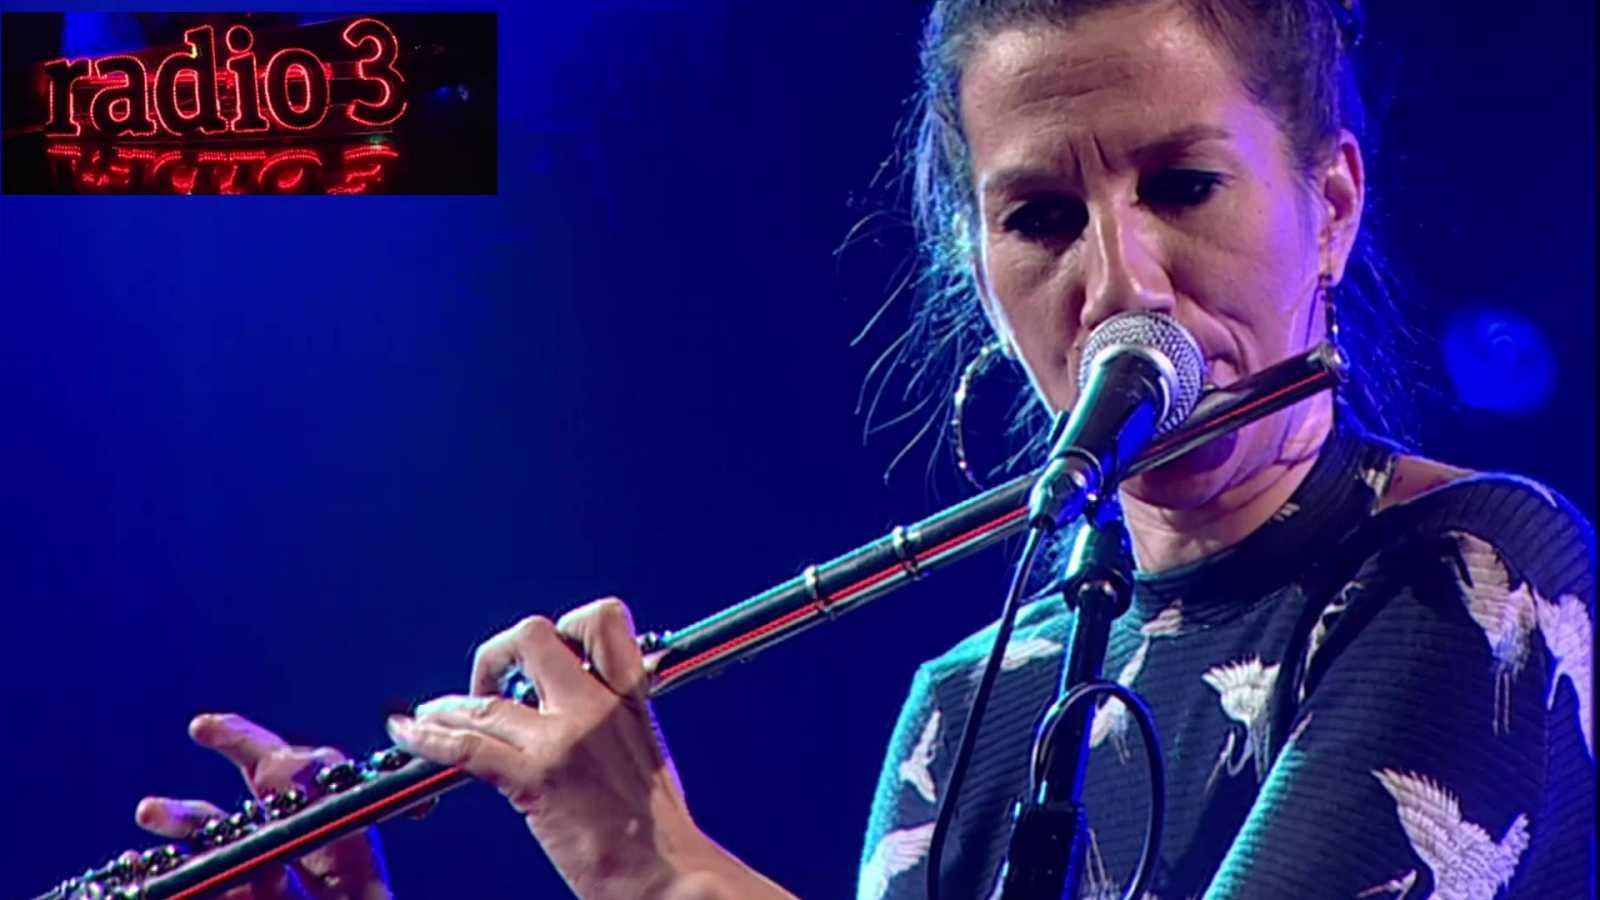 Los conciertos de Radio 3 - María Toro - 06/11/20 - escuchar ahora